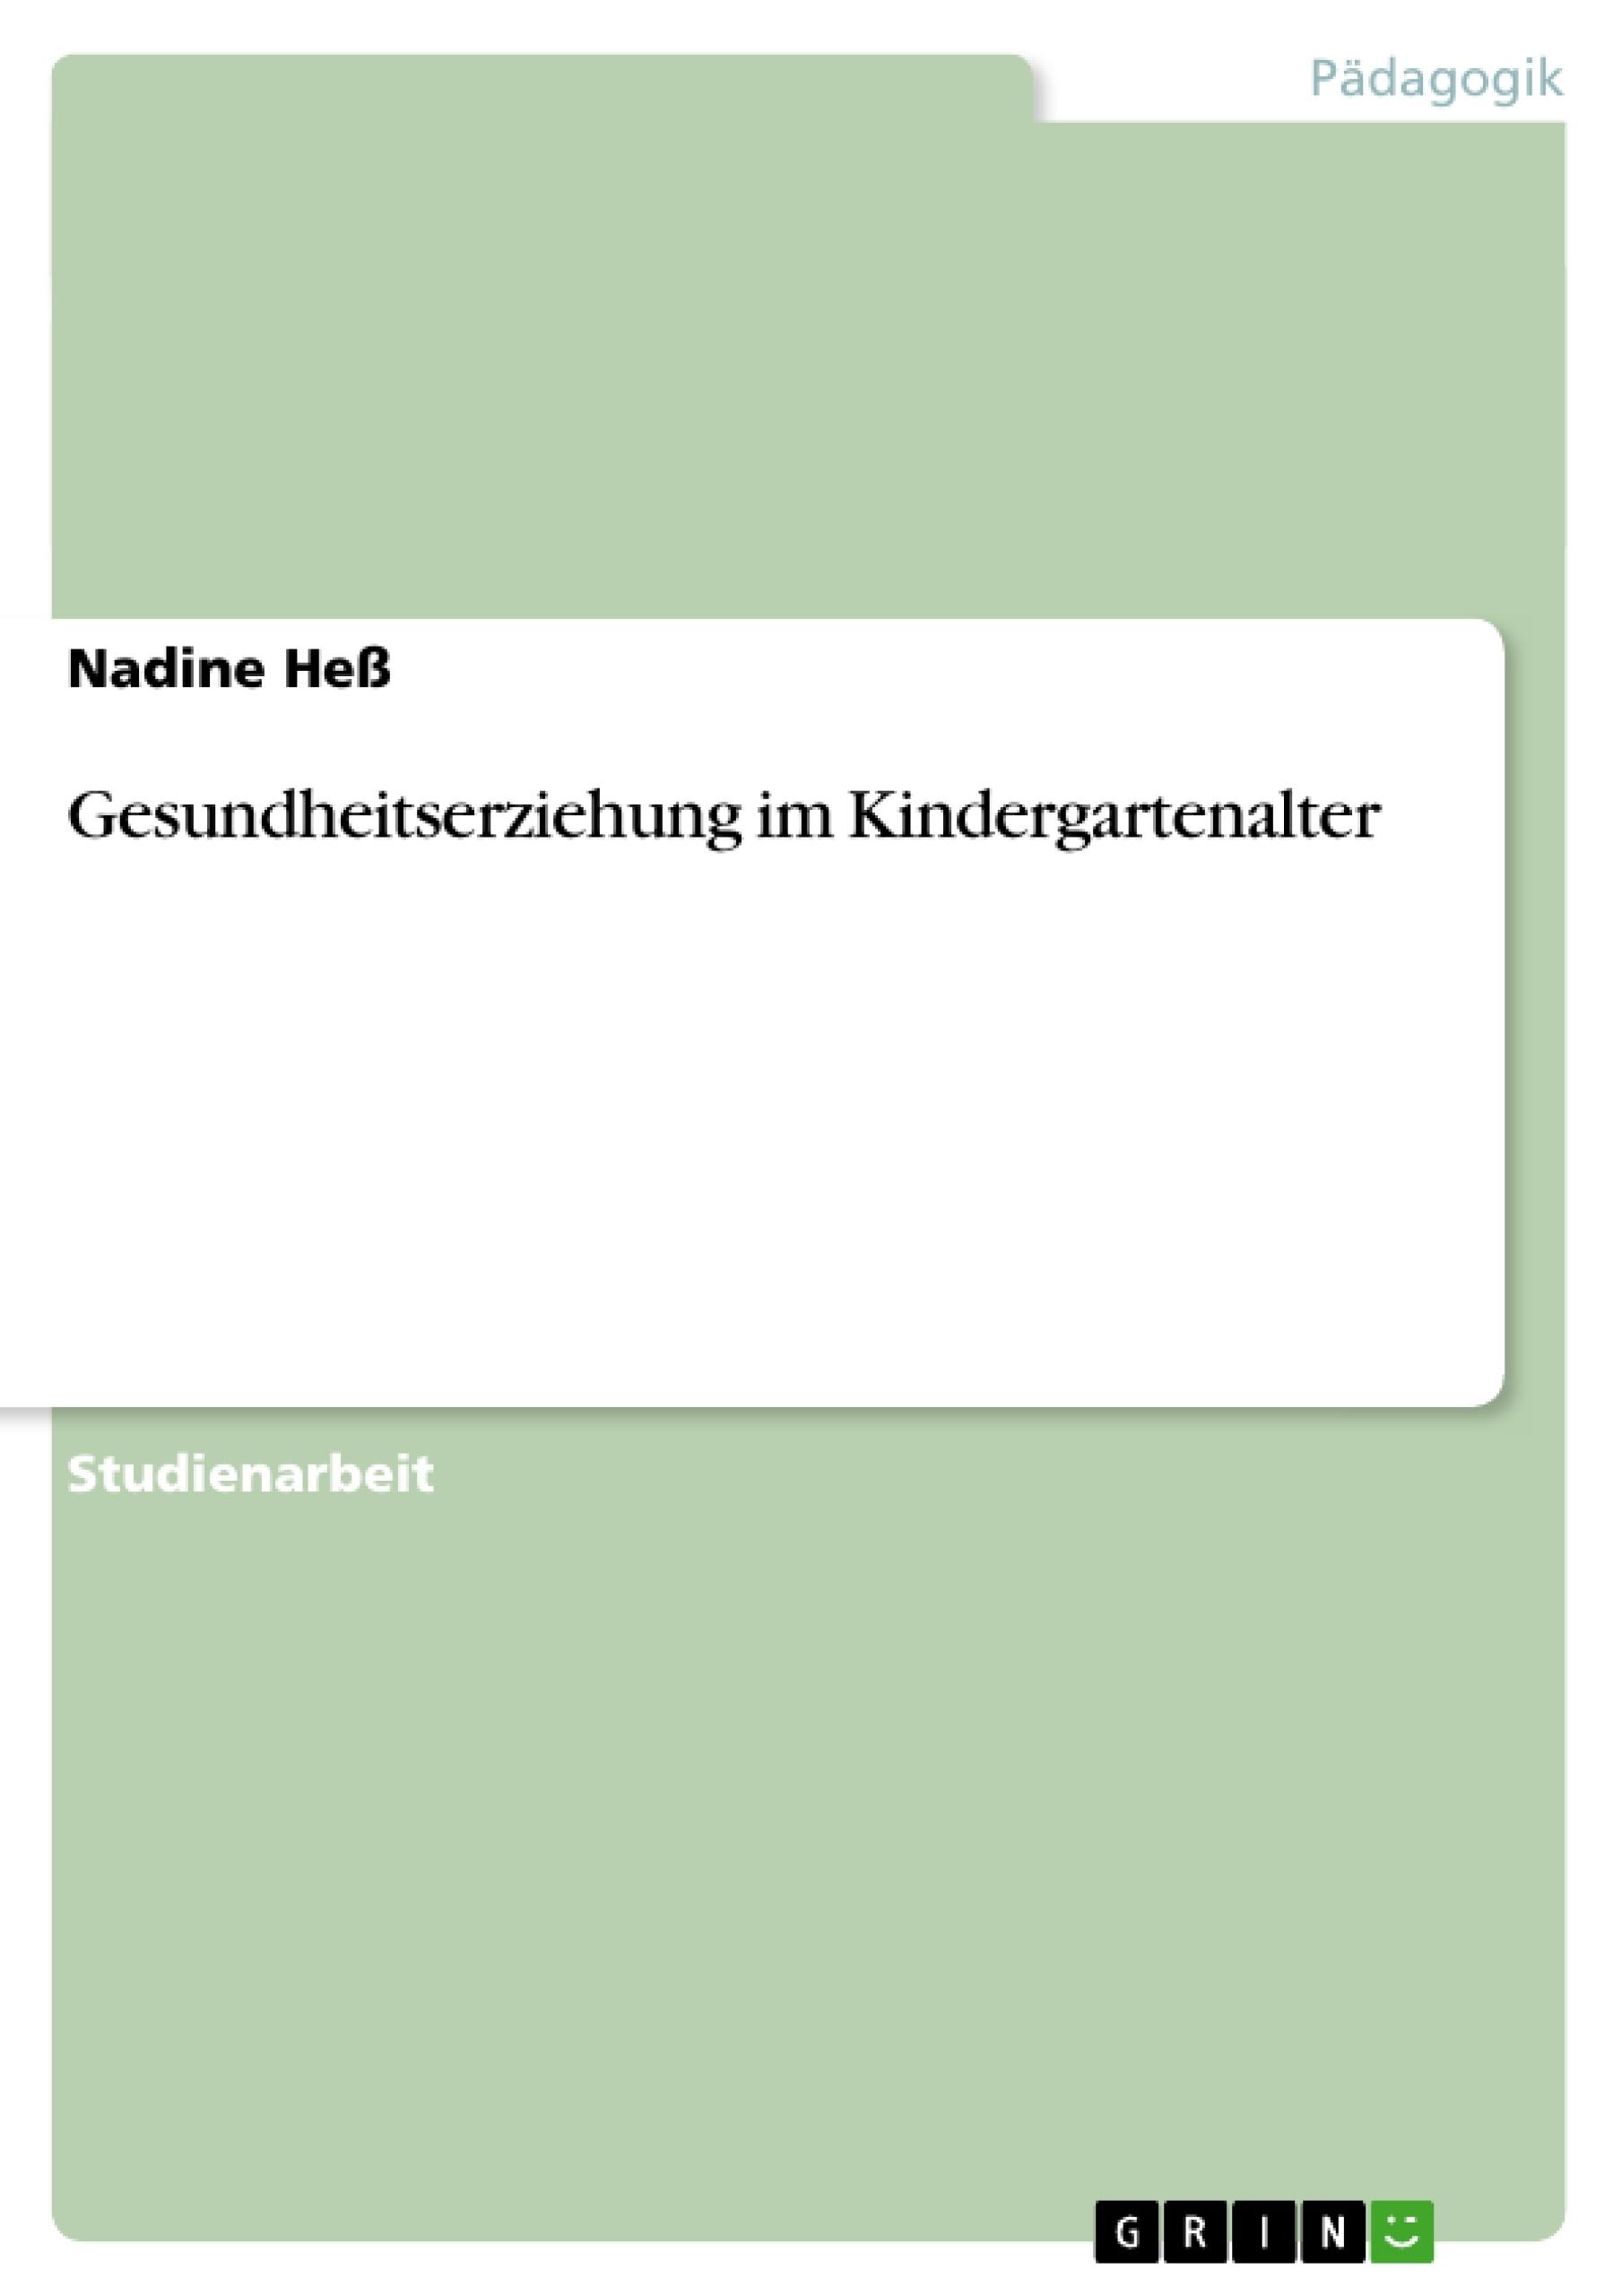 Titel: Gesundheitserziehung im Kindergartenalter